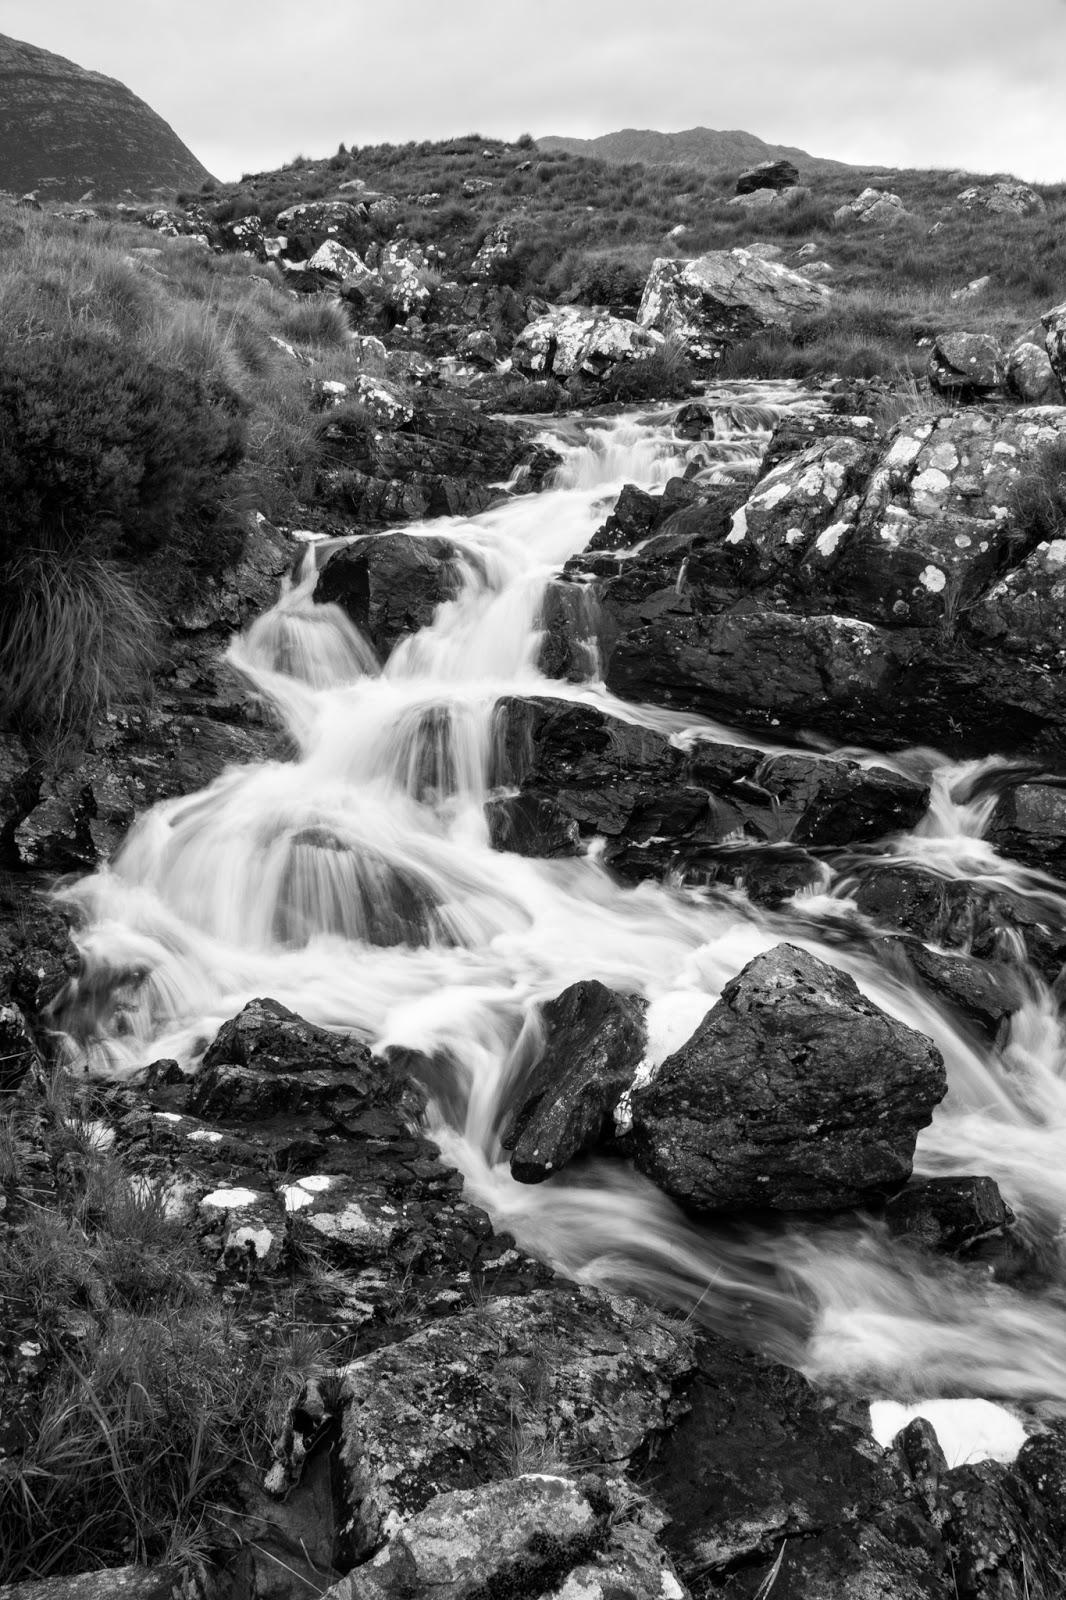 Lough Inagh Cascades